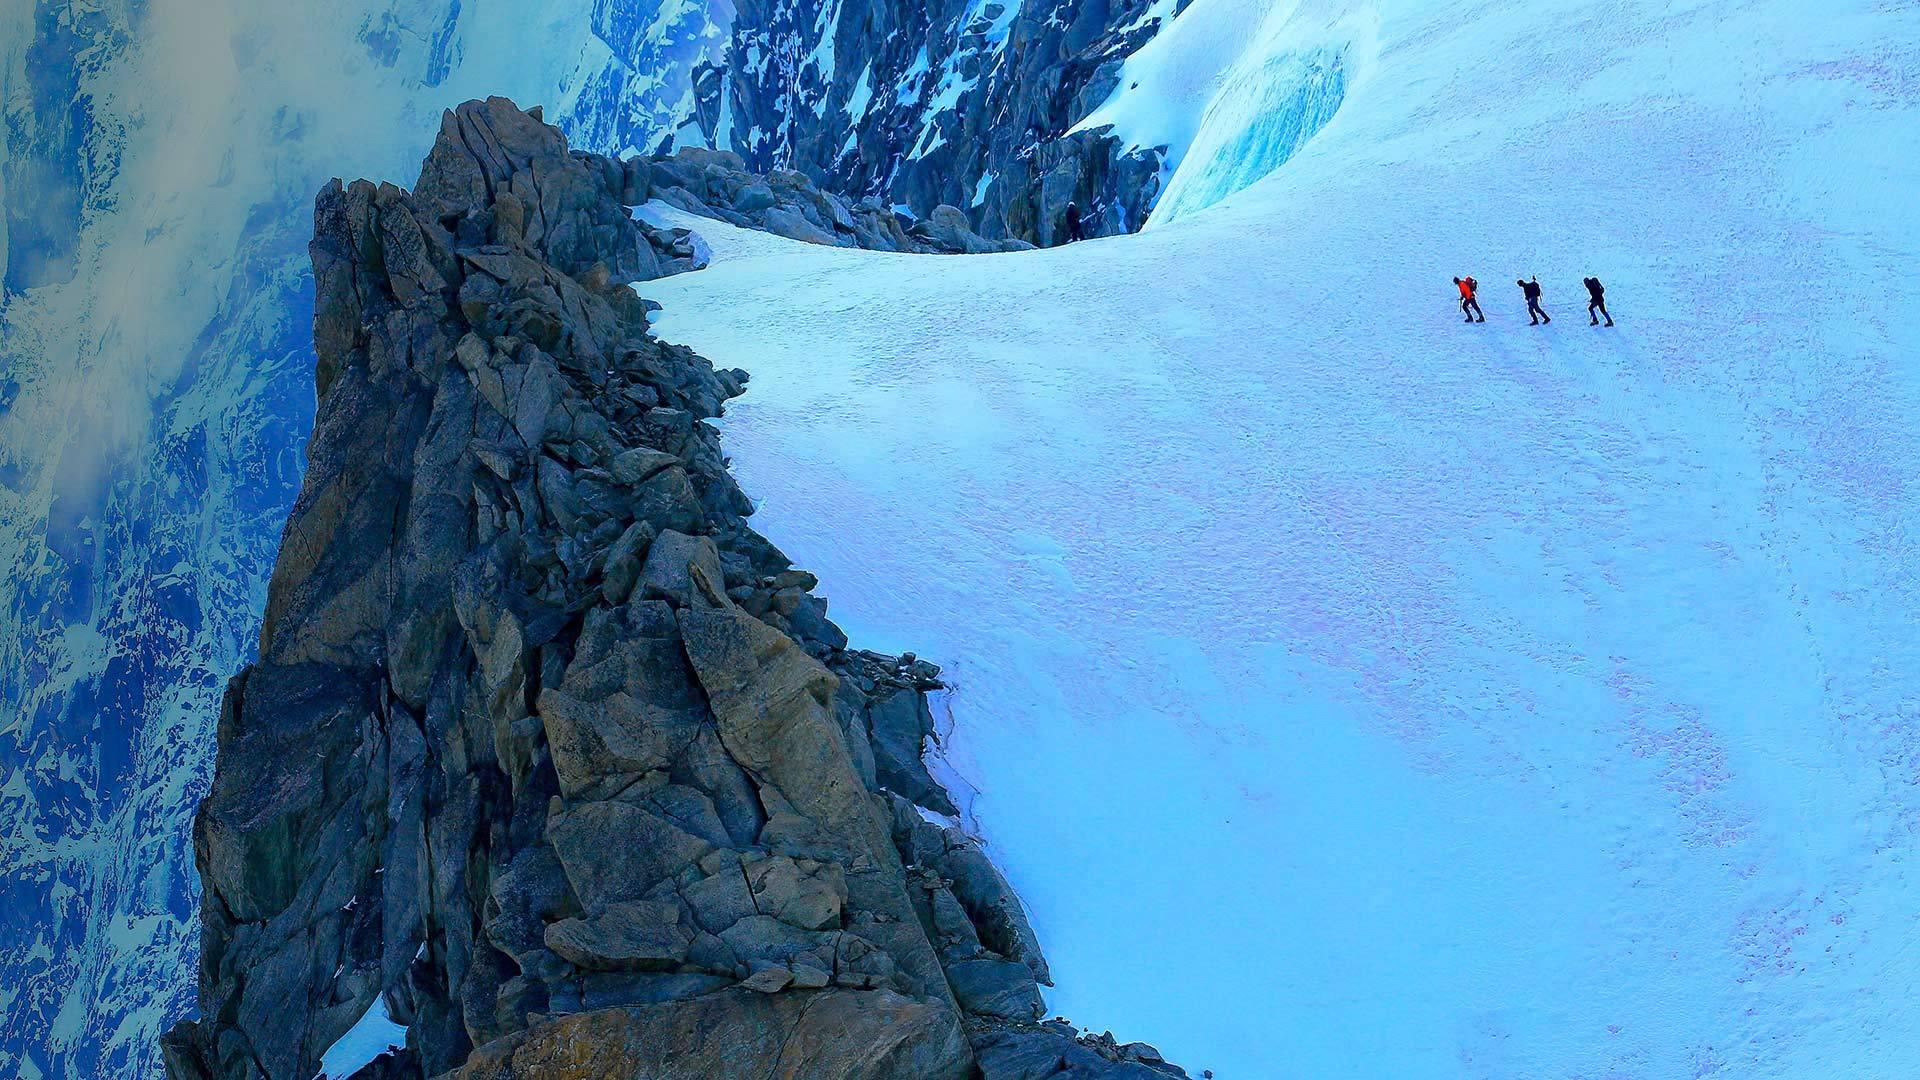 勃朗峰高山冰川上的徒步者勃朗峰